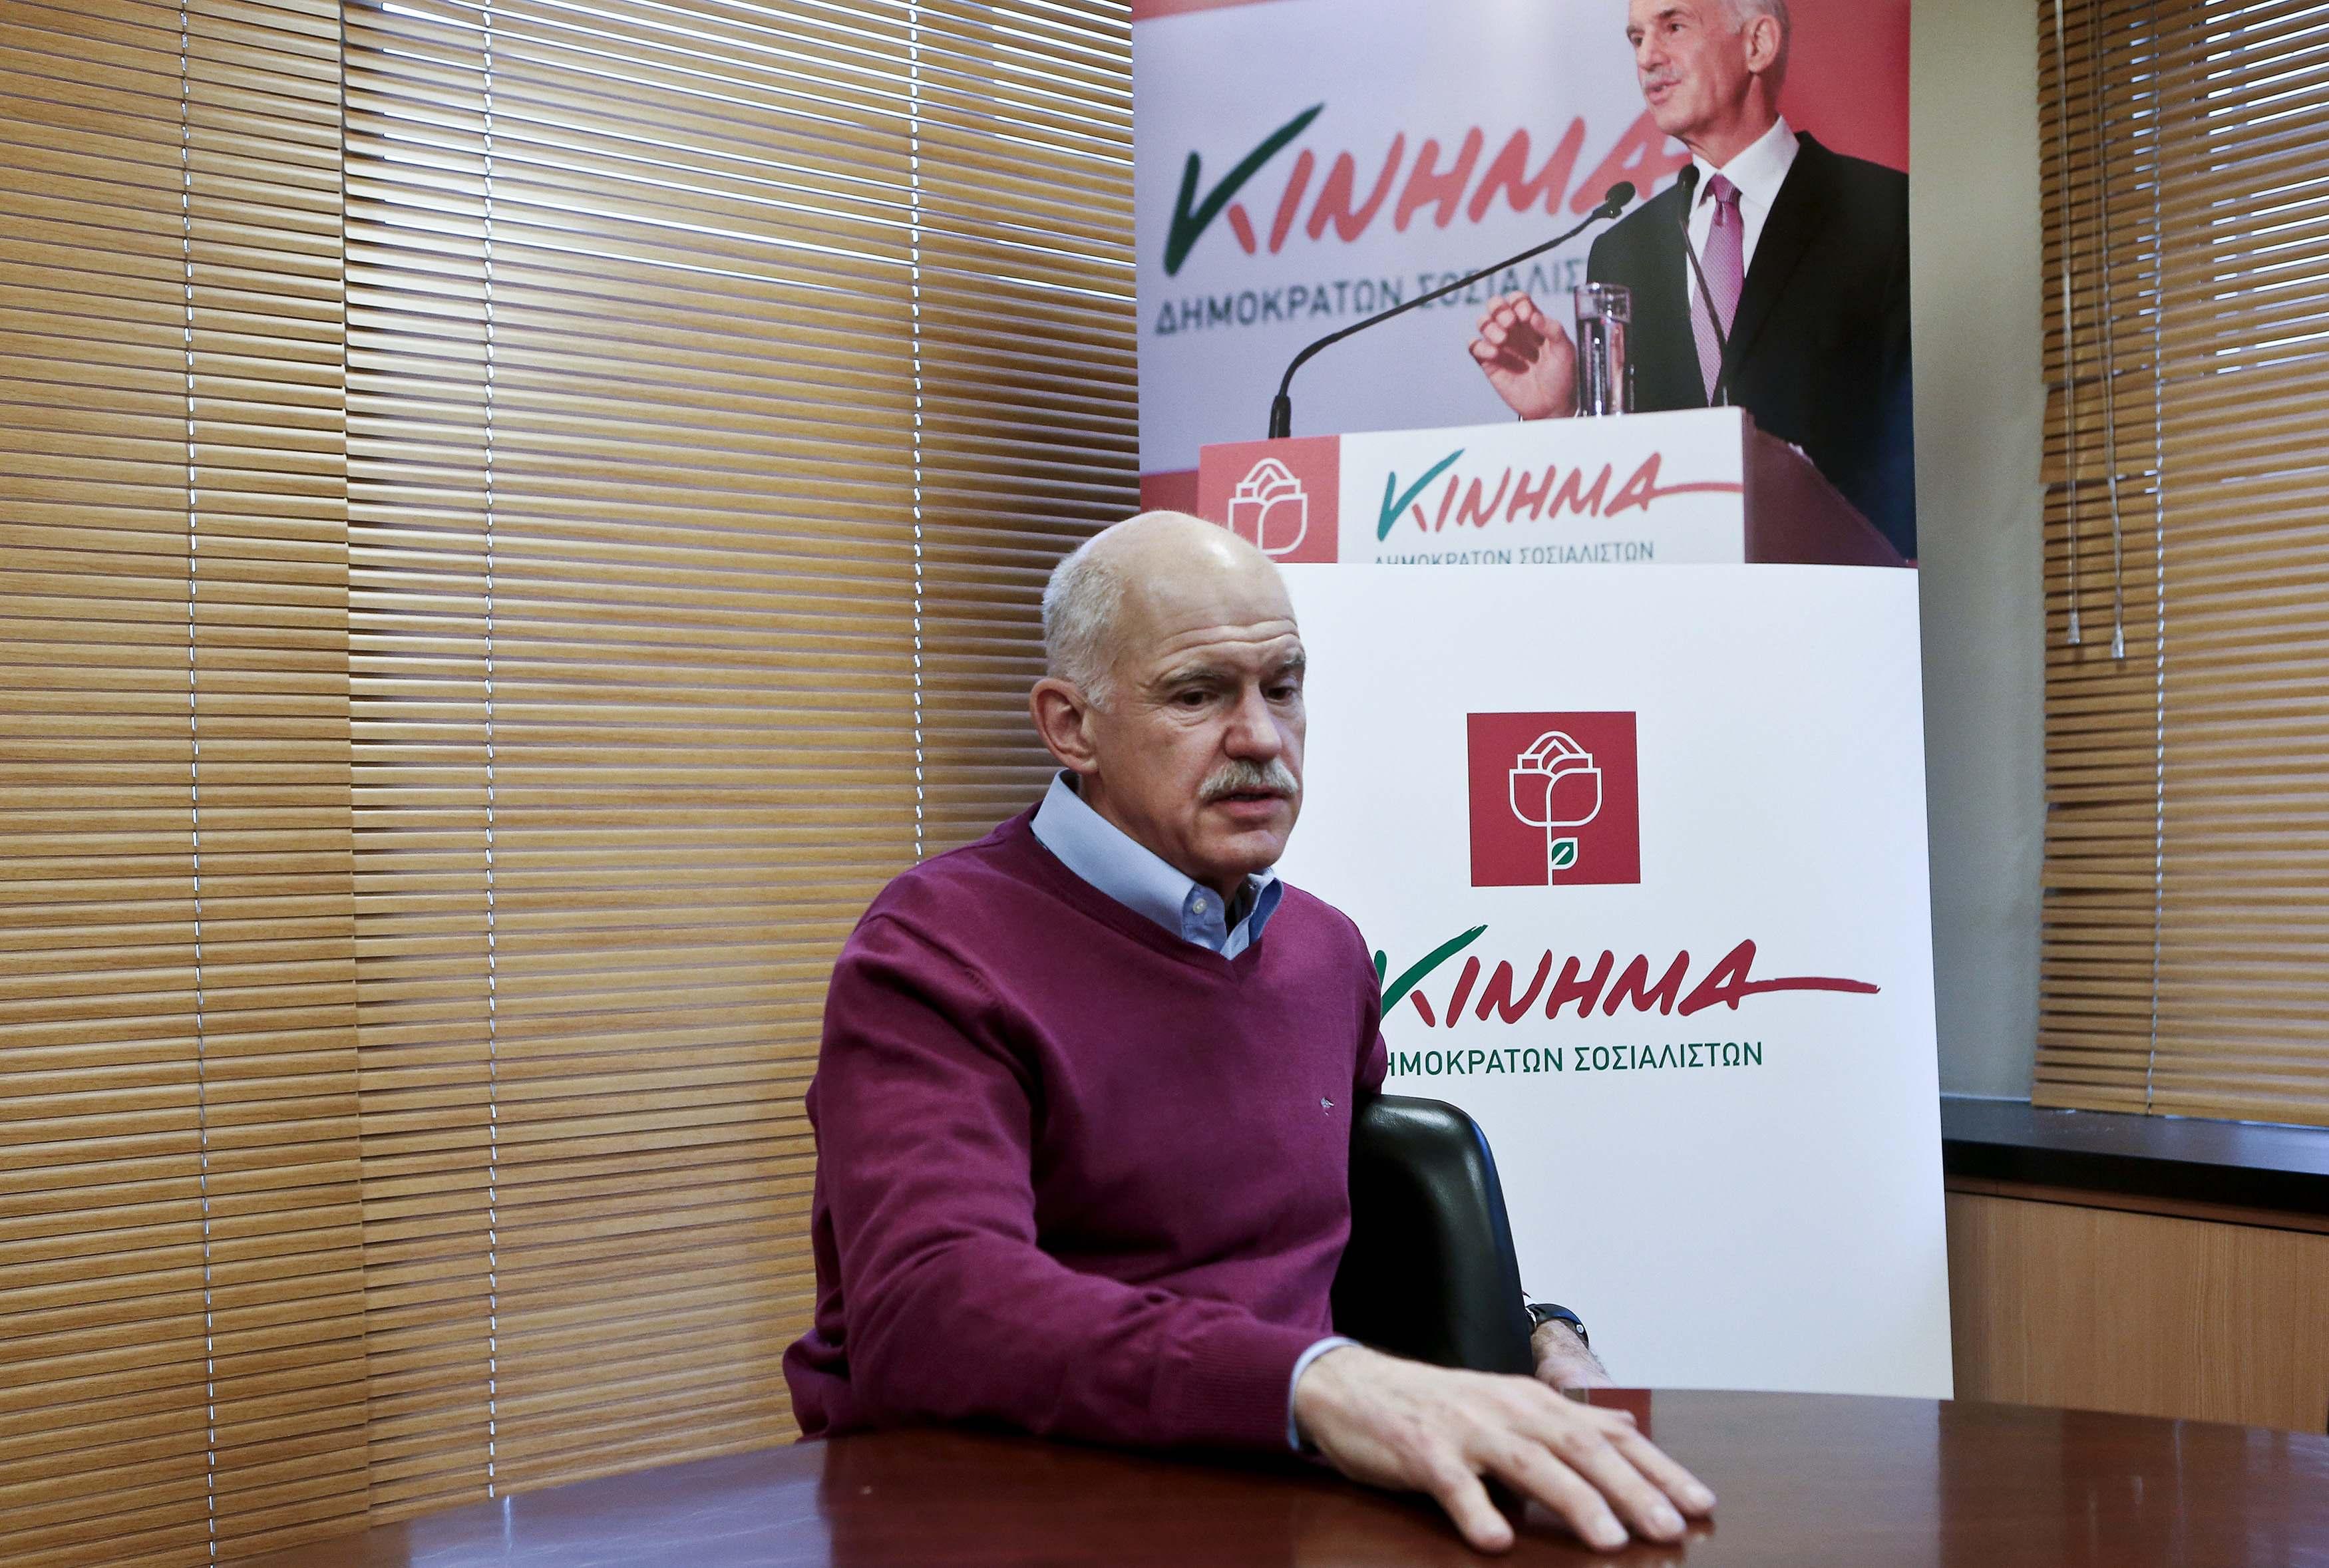 El ex primer ministro griego Yorgos Papandreu, fundador del Movimiento de los Socialistas Democráticos. Foto: REUTERS/Alkis Konstantinidis